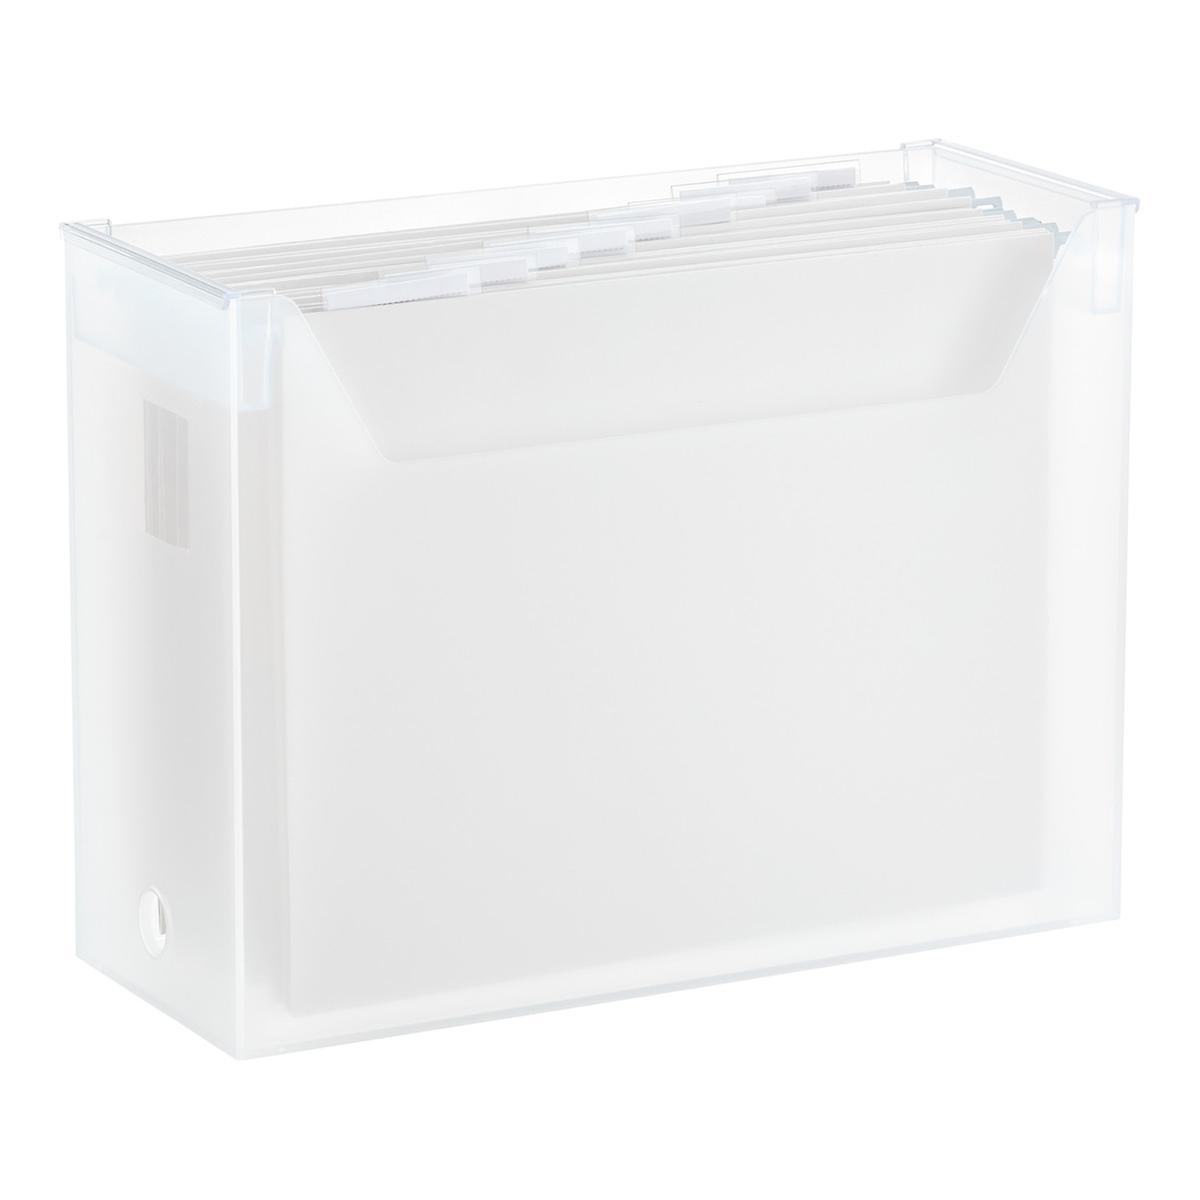 Clear Like-it Hanging Desktop File